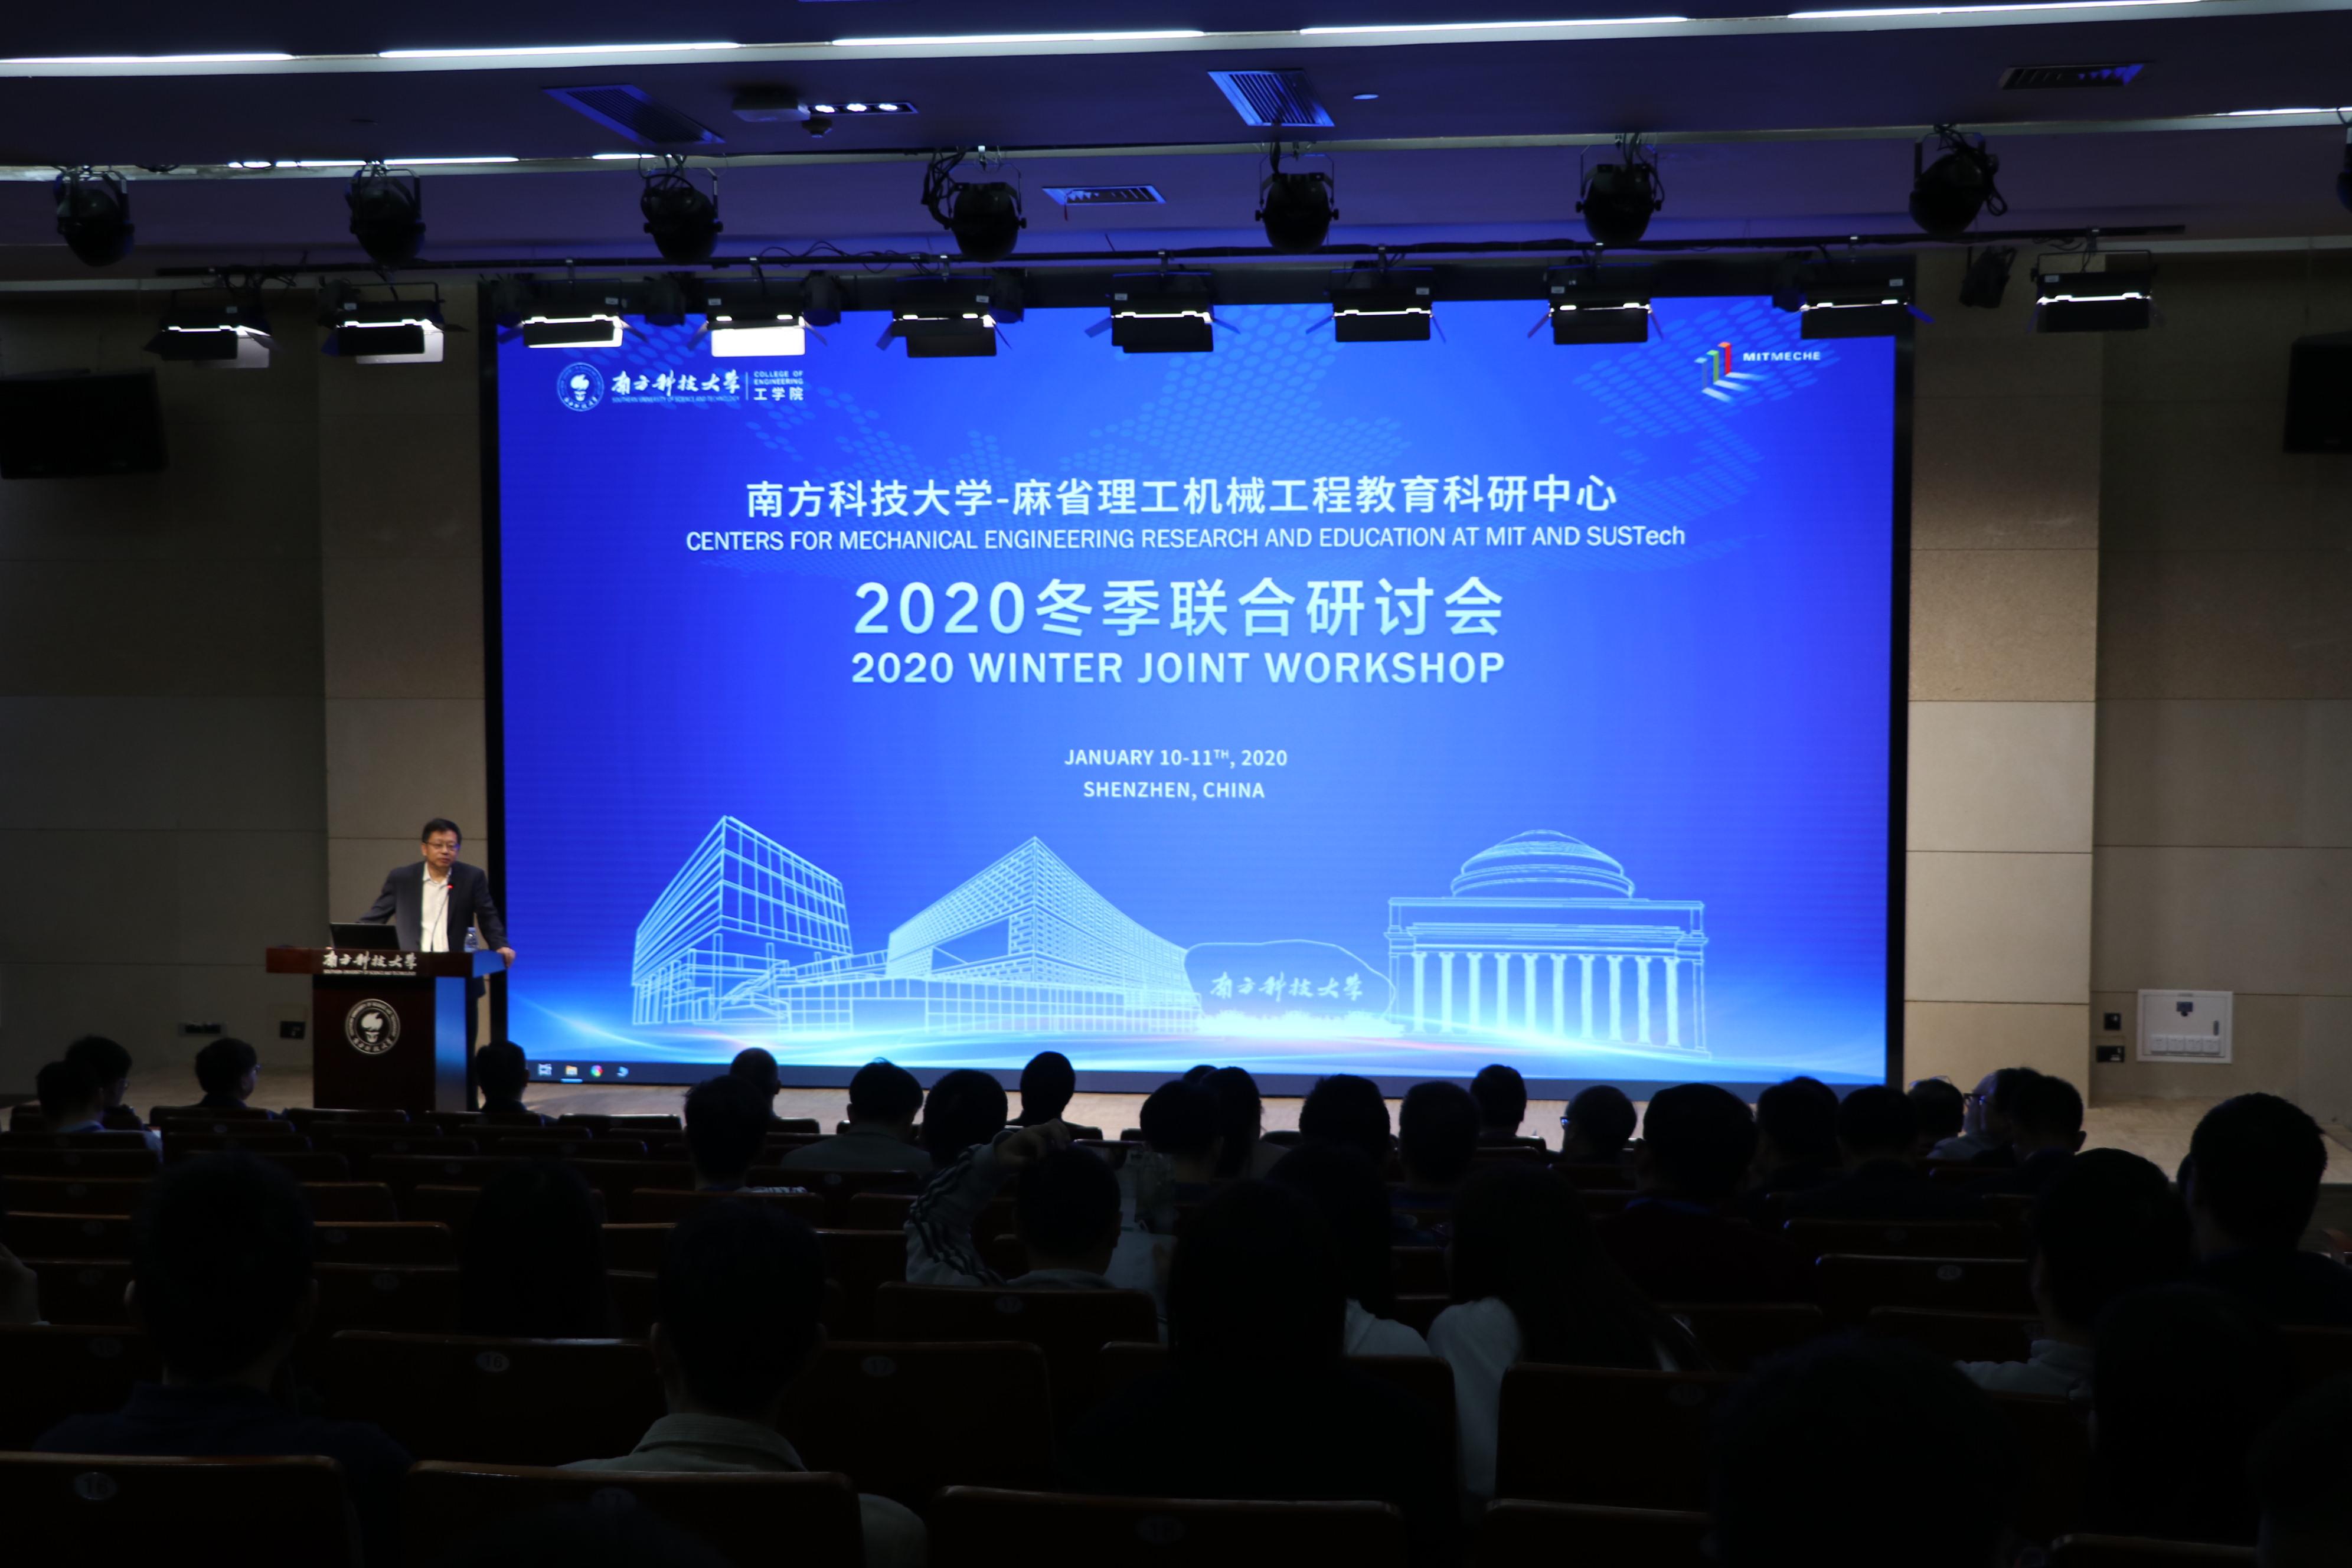 南方科技大学-麻省理工机械工程教育科研中心2020冬季研讨会举行